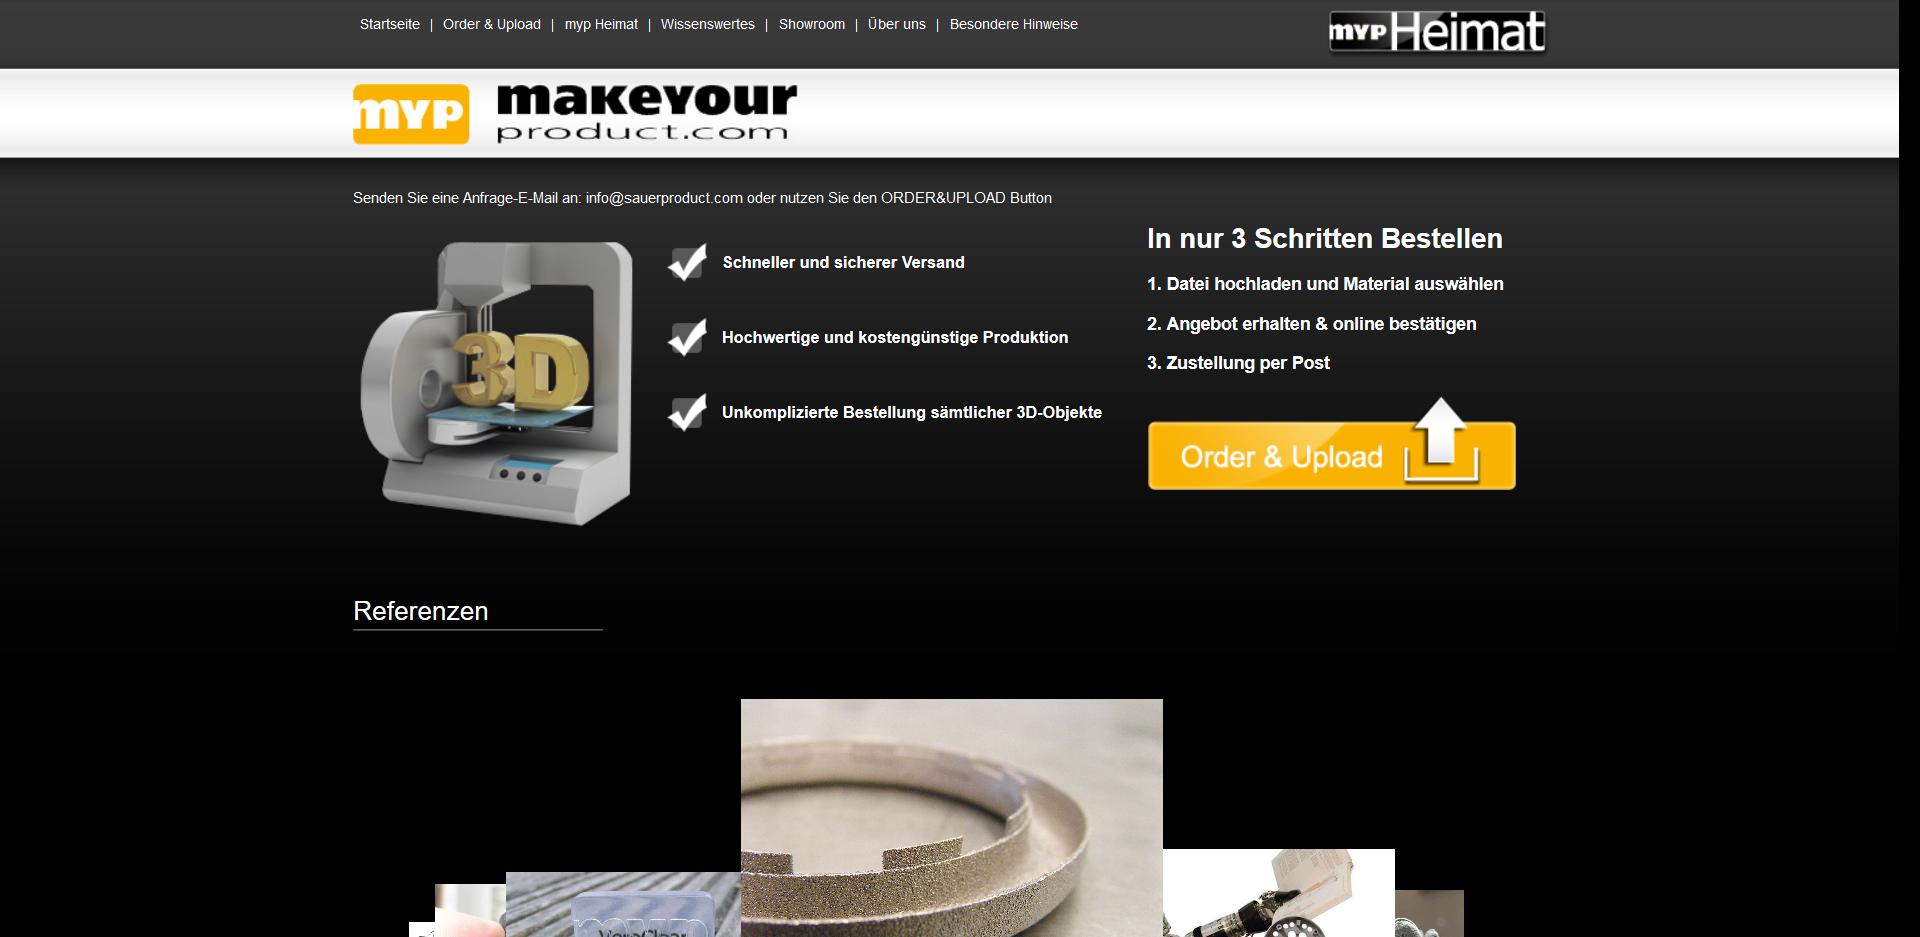 3D drucken lassen auf makeyourproduct.com - Startseite des Service